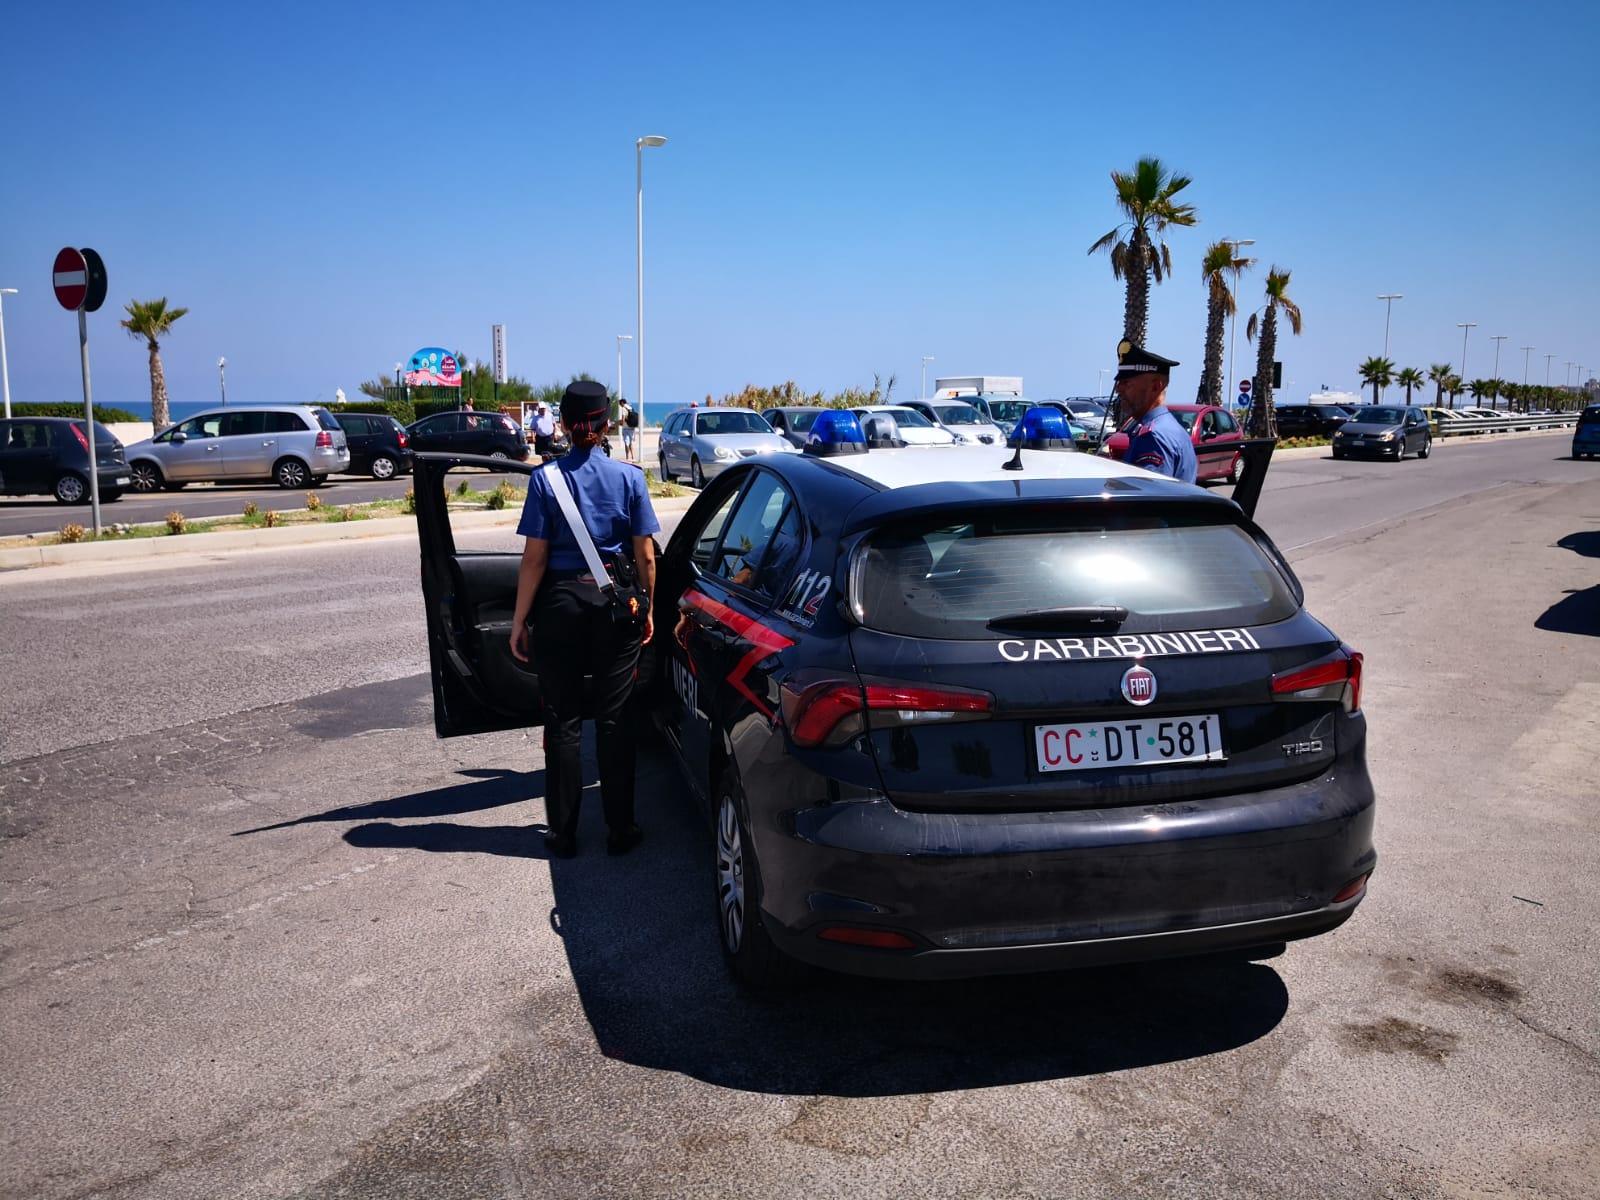 Carabinieri, settimana di Ferragosto all'insegna della prevenzione